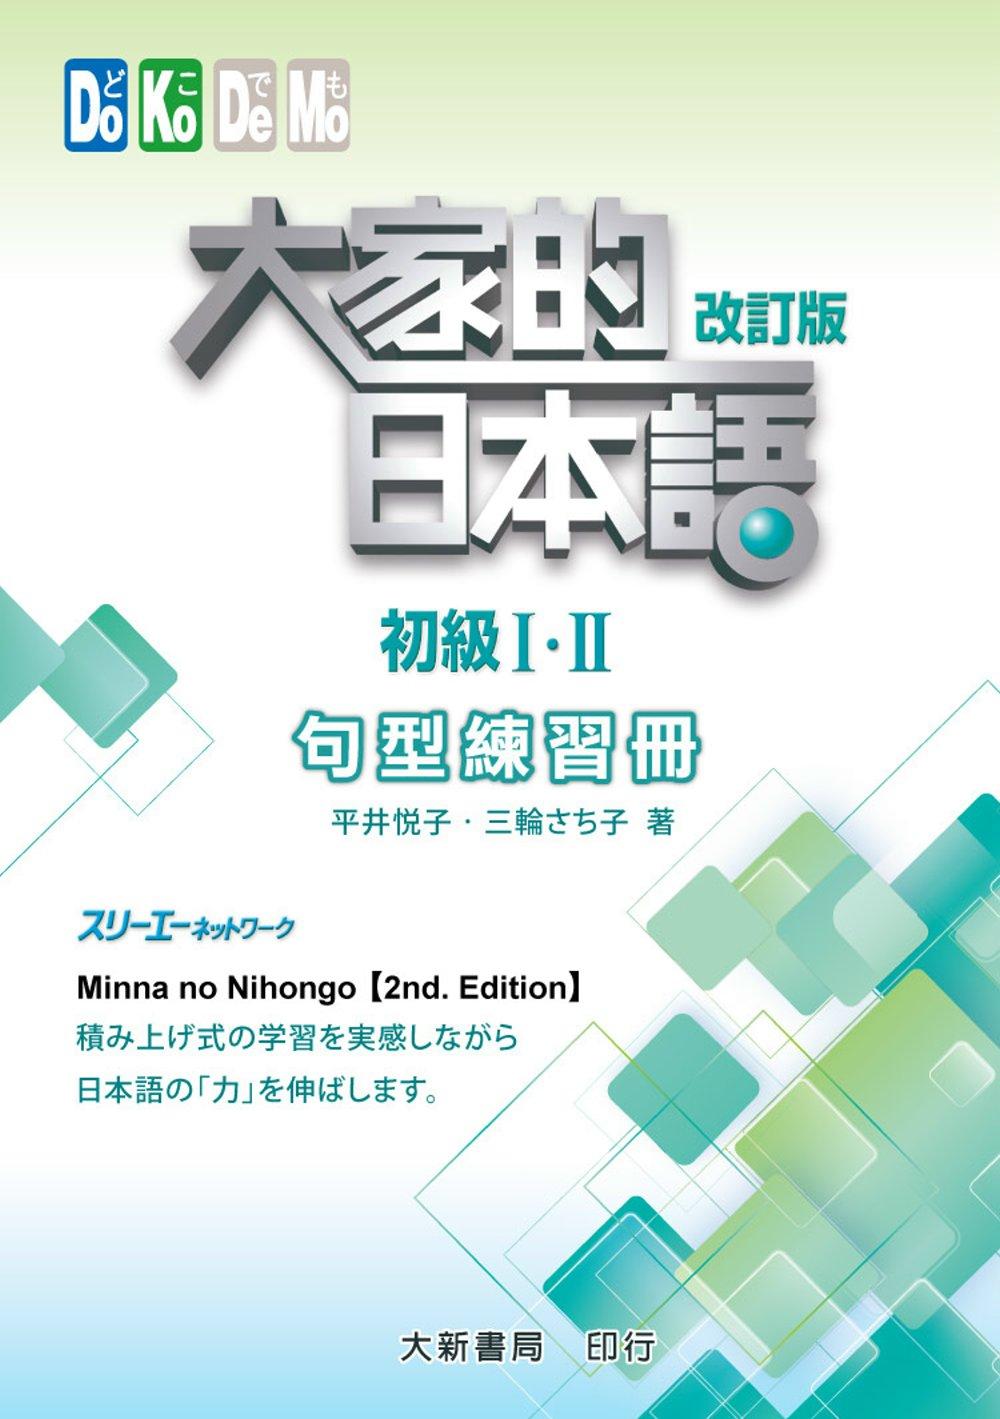 大家的日本語初級Ⅰ・Ⅱ 改訂版 句型練習冊